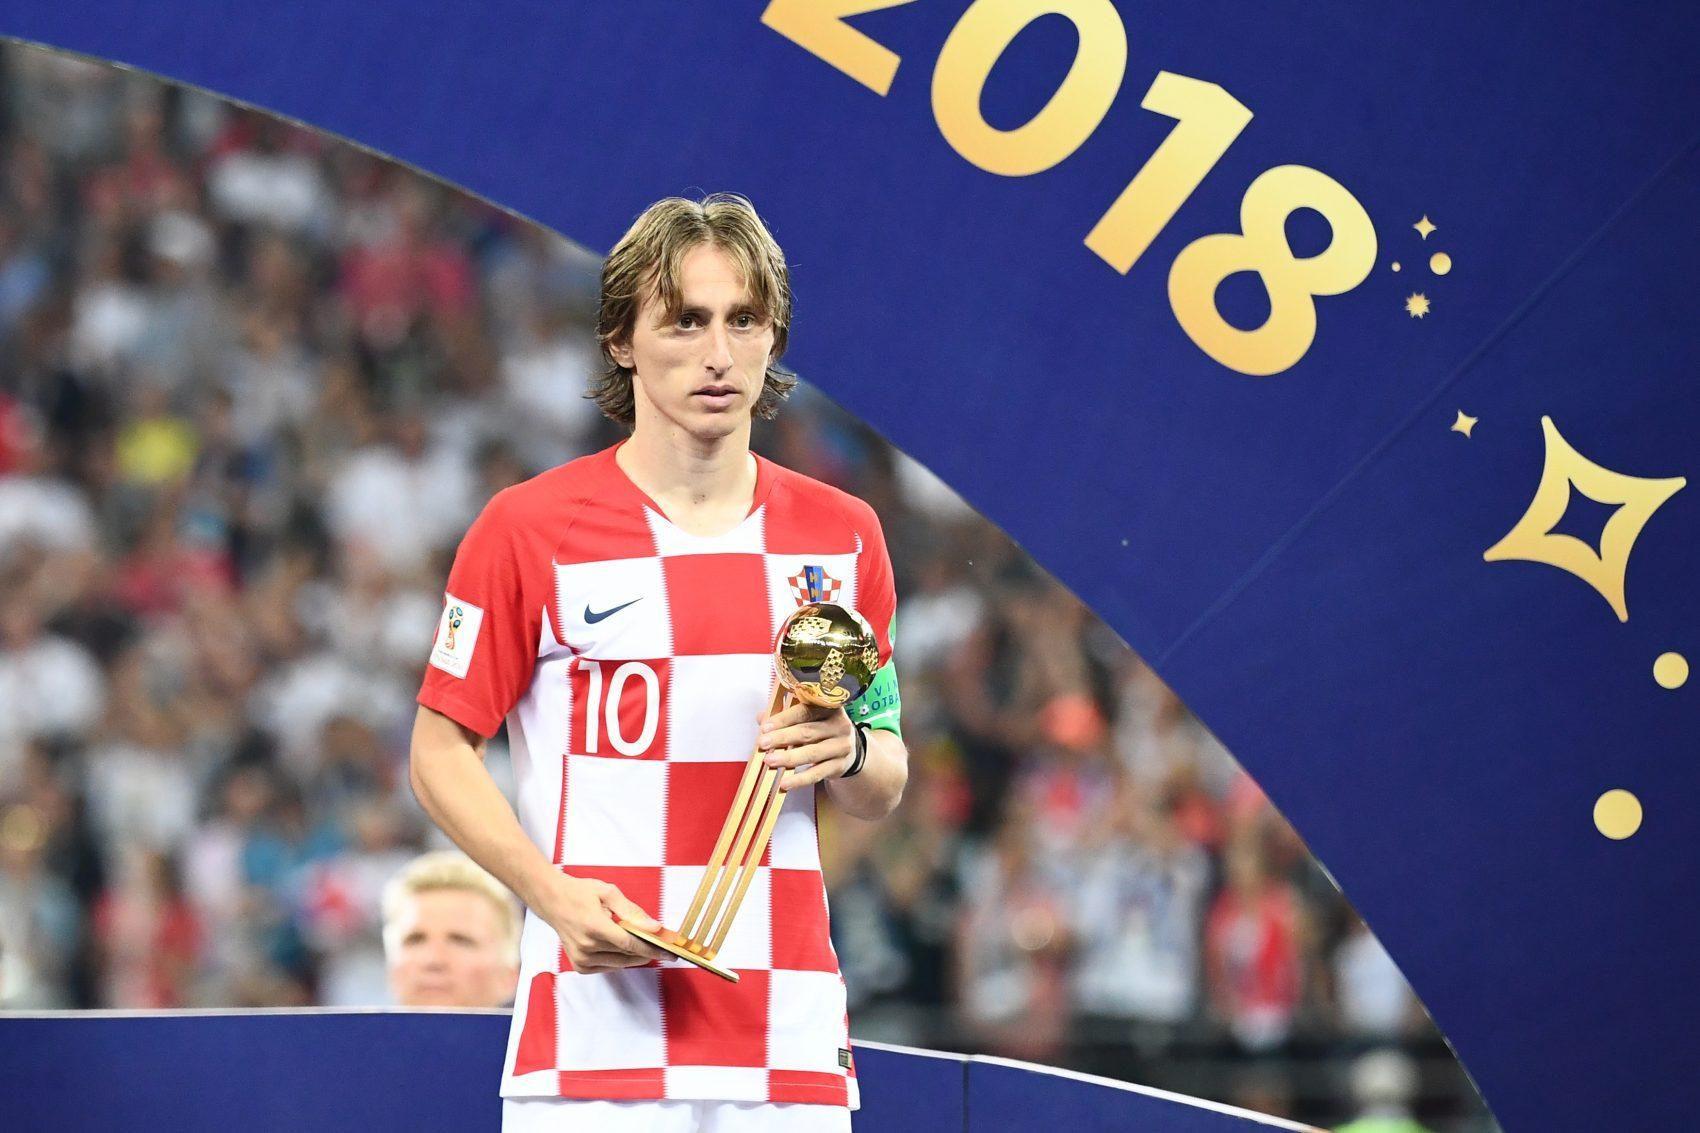 Sem sorriso: Luka Modric recebe a Bola de Ouro após a derrota da Croácia para a França na final (Foto Fifa/AFP)